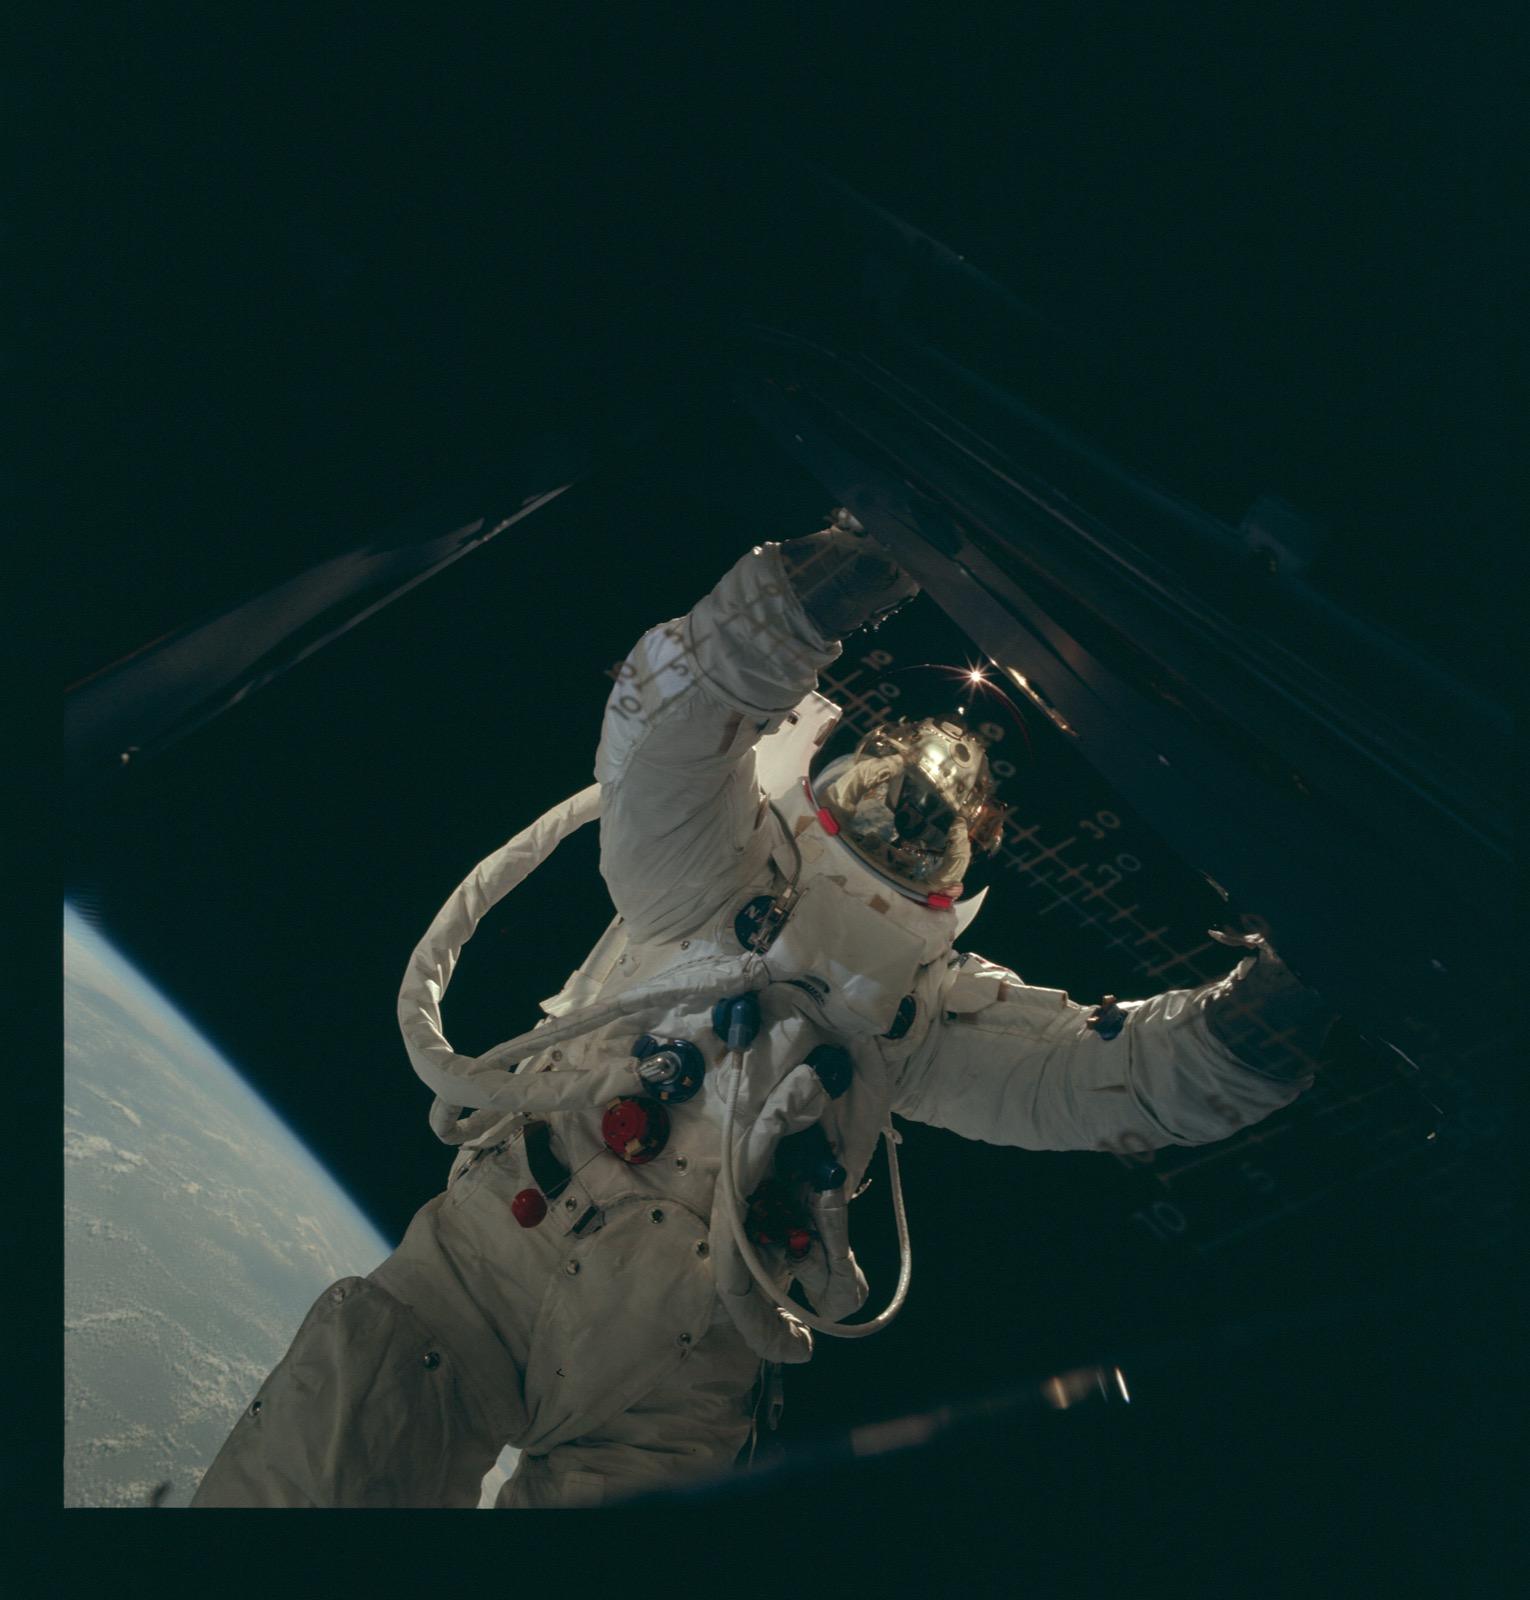 Apollo 9 Hasselblad image from film magazine 20/E - Earth orbit. NASA Photo